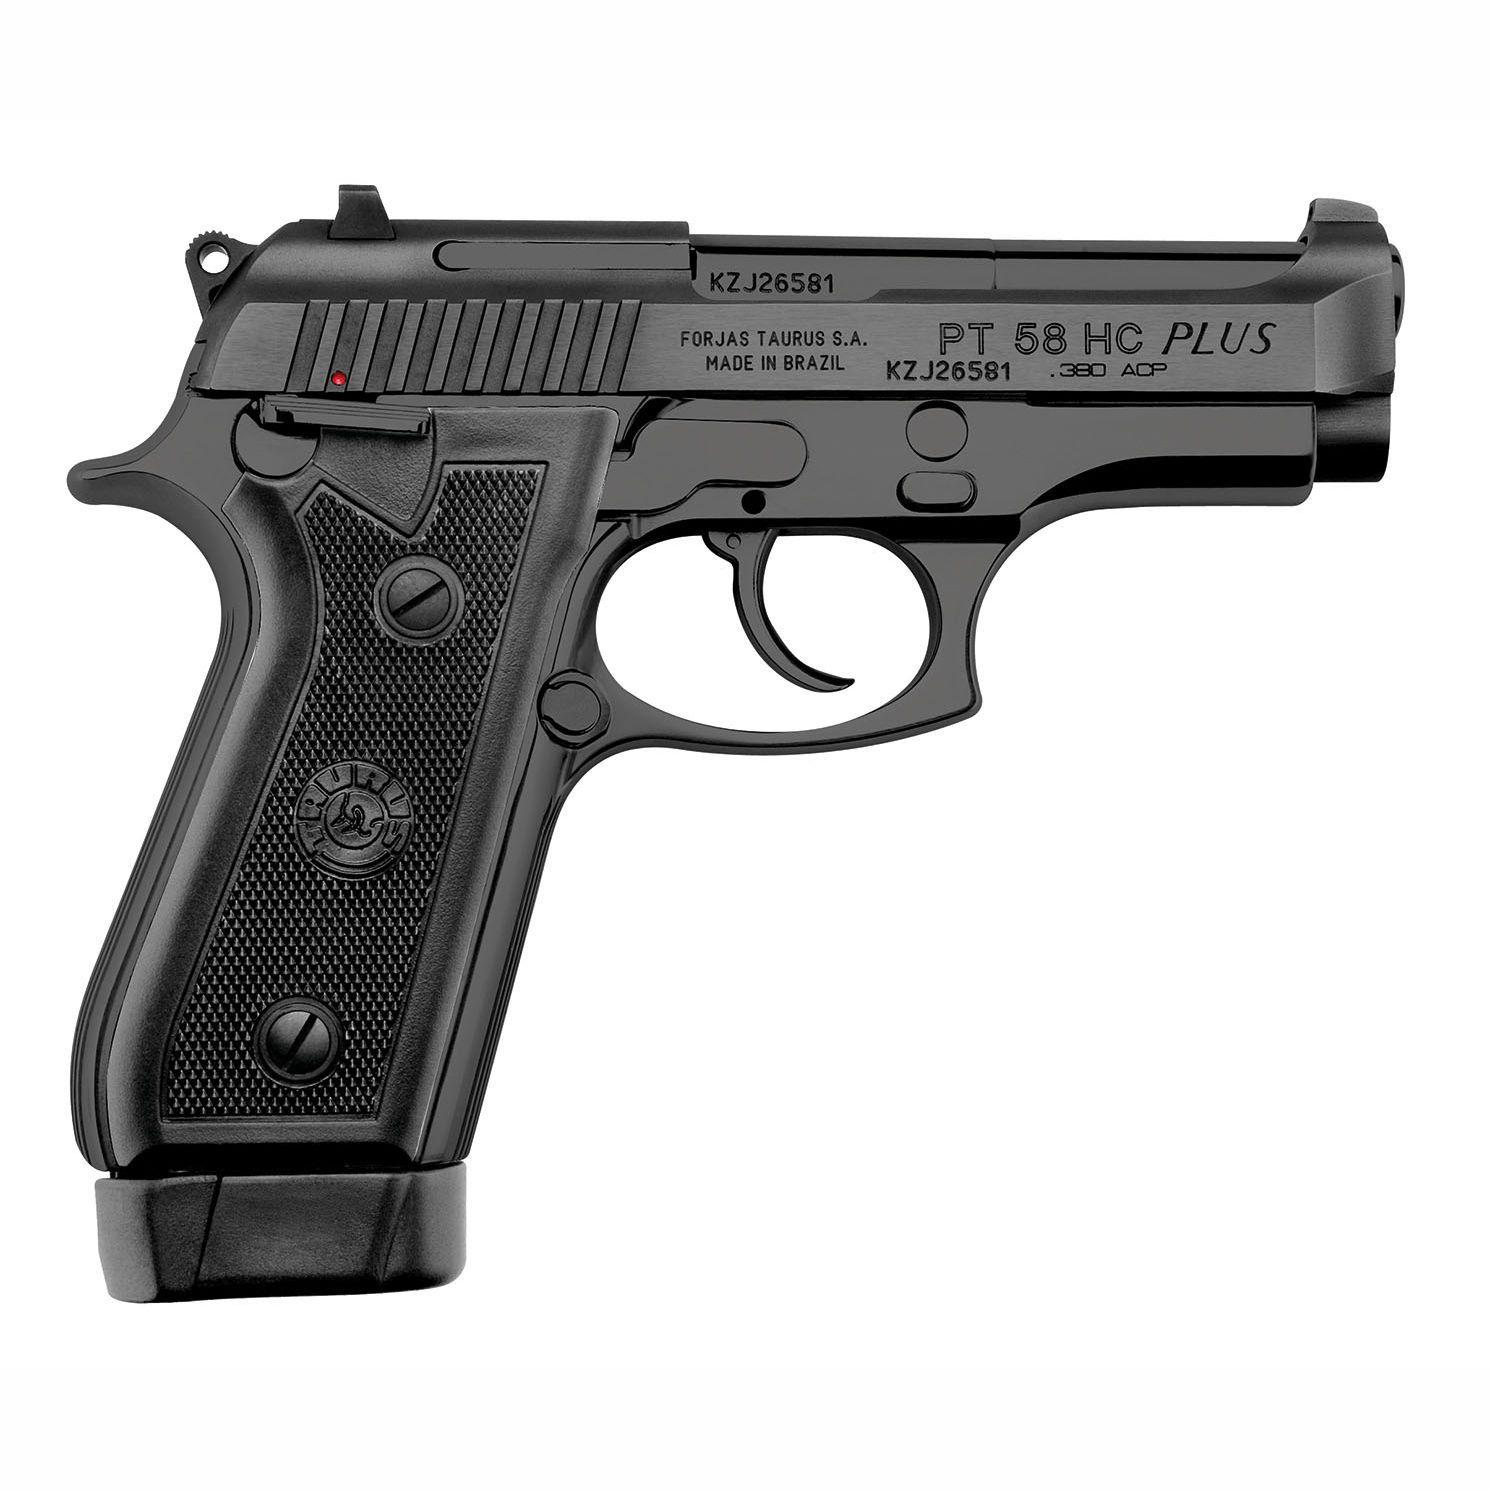 Pistola Taurus PT 58 HC PLUS - Cal. 380 Auto 19+1 Tiros Oxidada Fosco